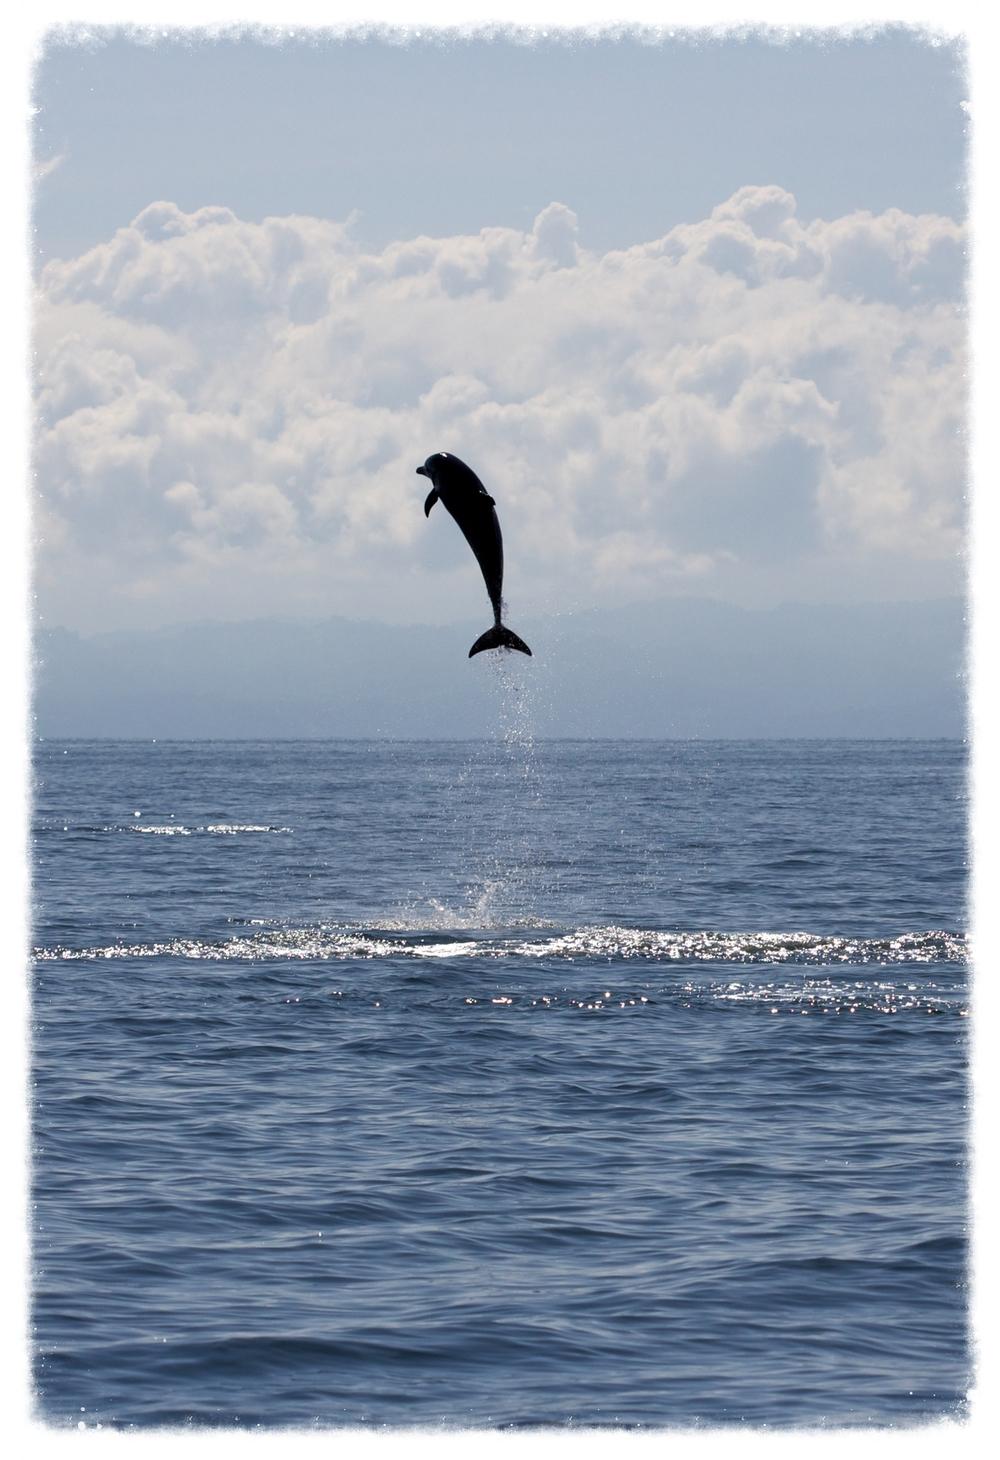 osa_dolphin2.jpg